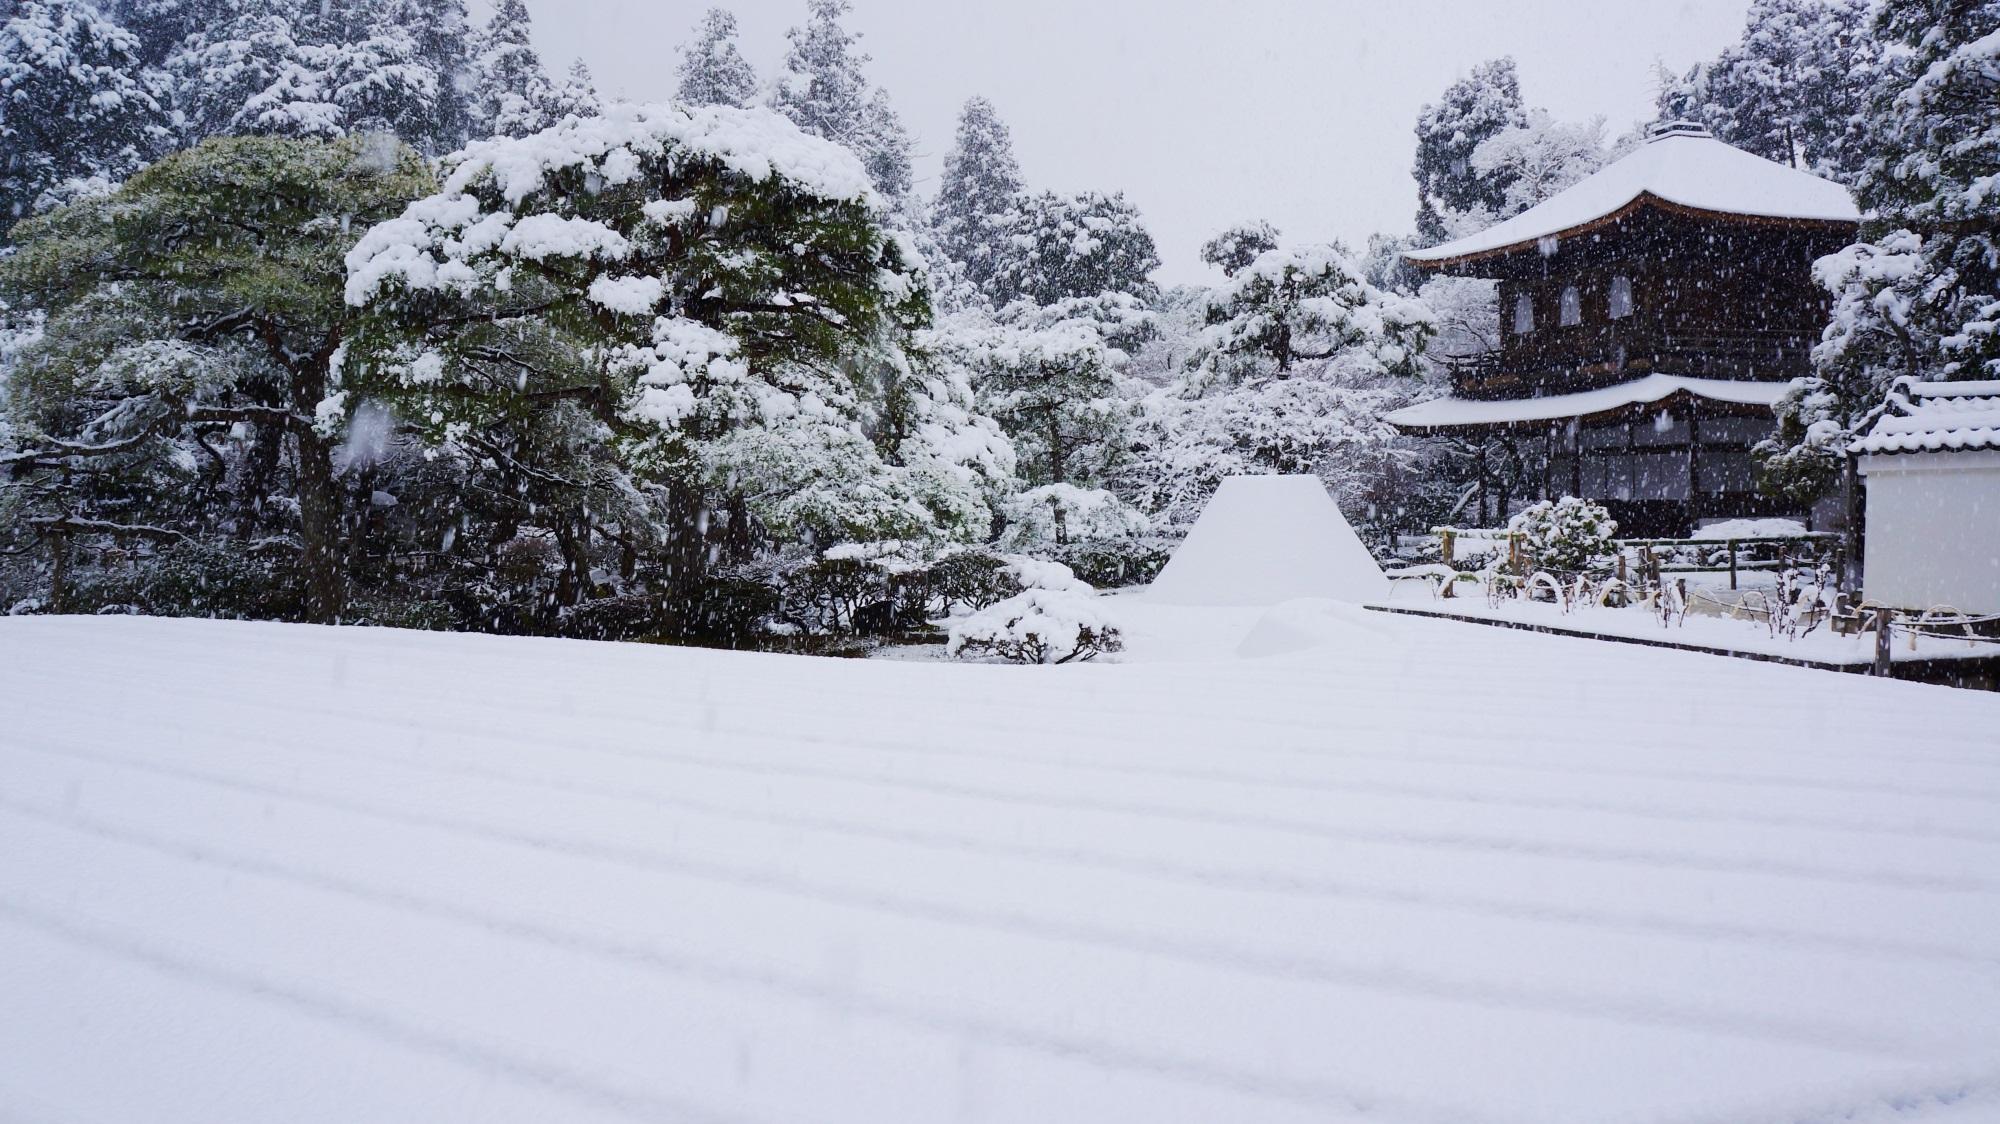 銀閣寺 雪 わびさびの冬景色